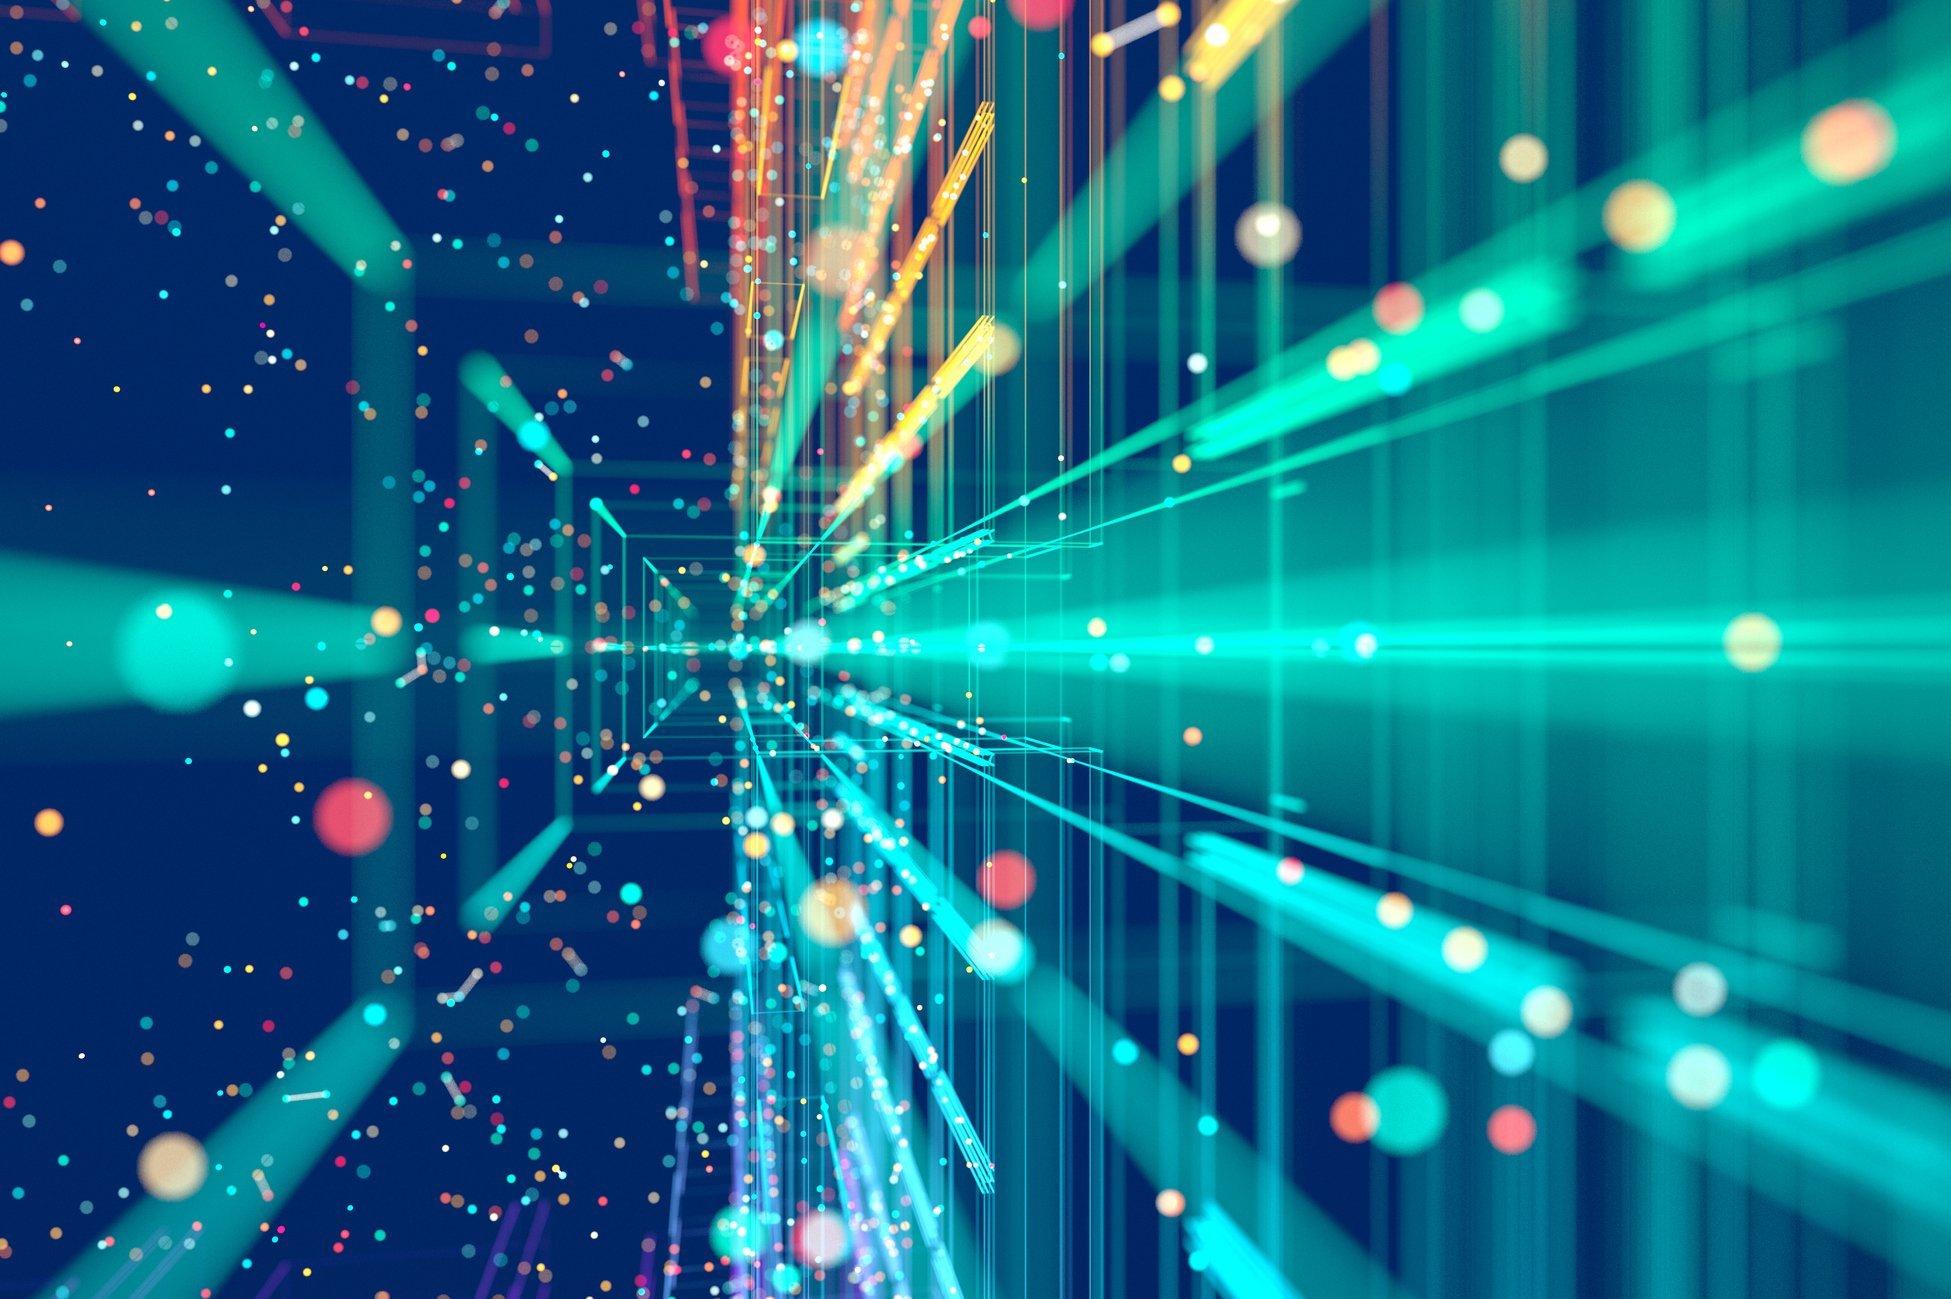 Интеграция технологии блокчейн в бизнес-процессы: доступны материалы и видео